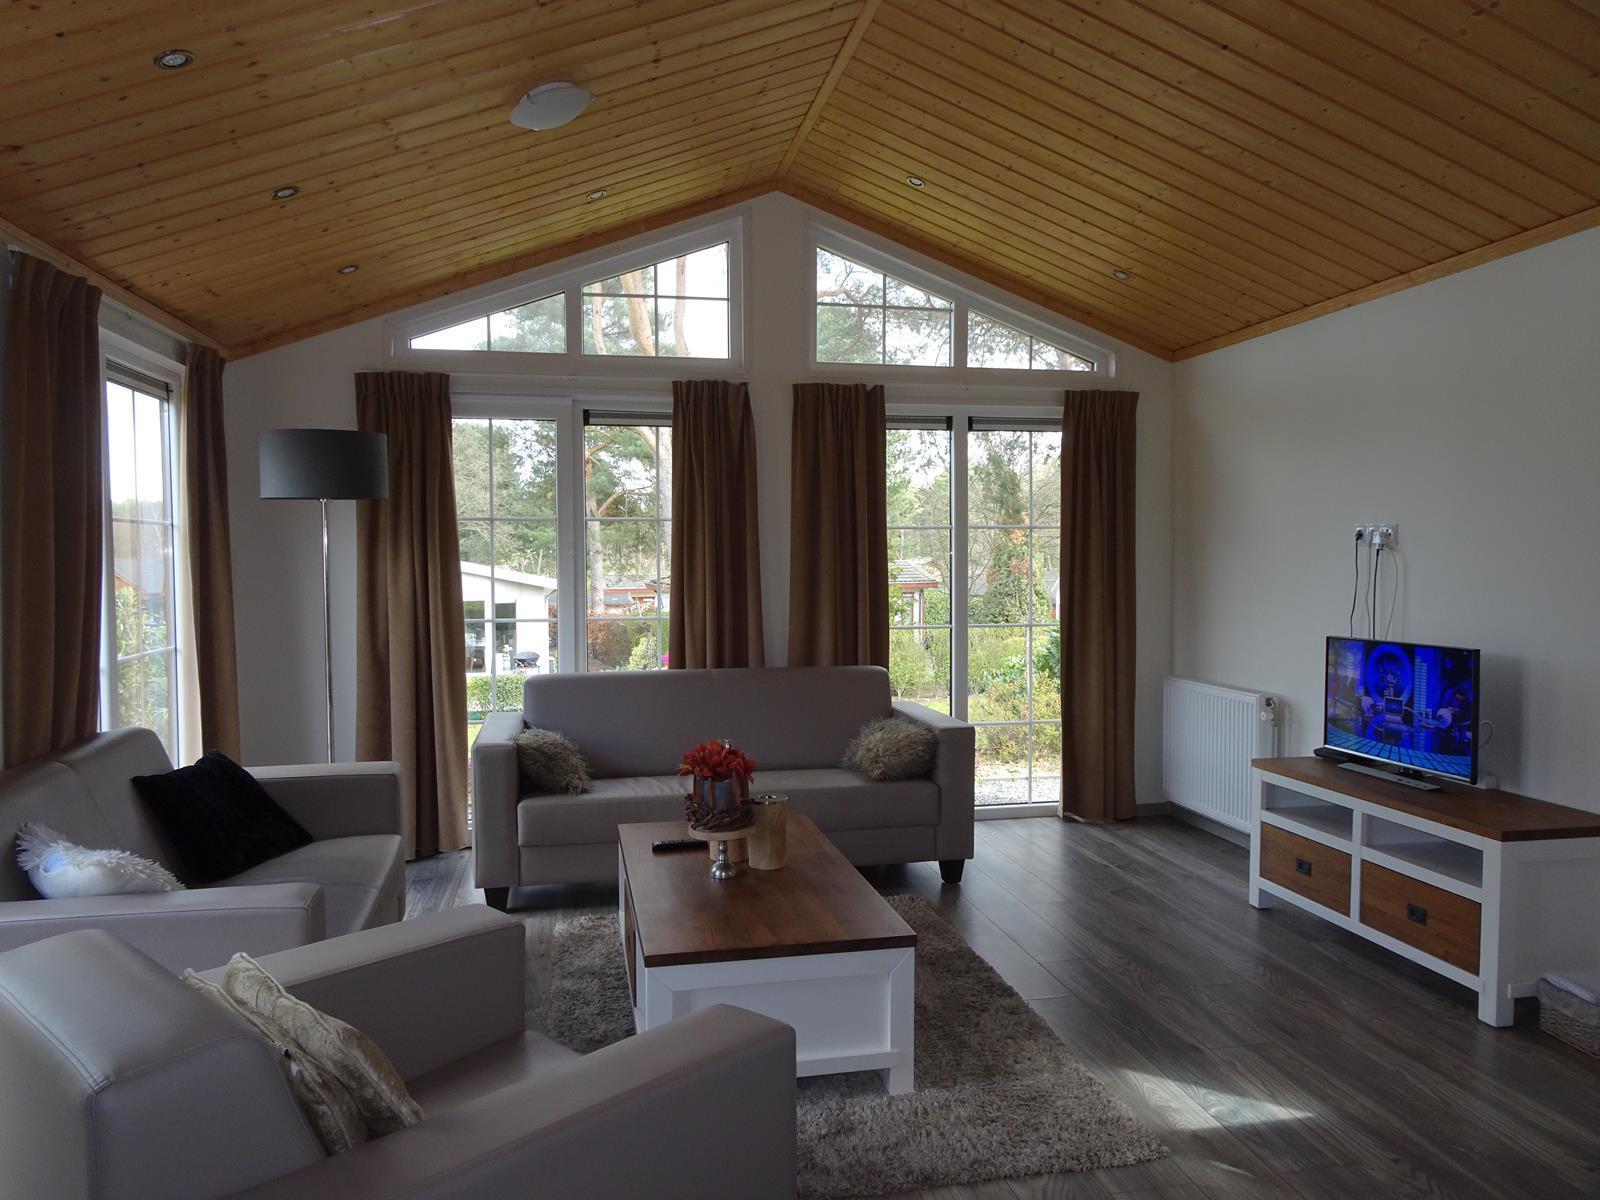 Vakantiehuis te koop Limburg Brunssum 019.jpg